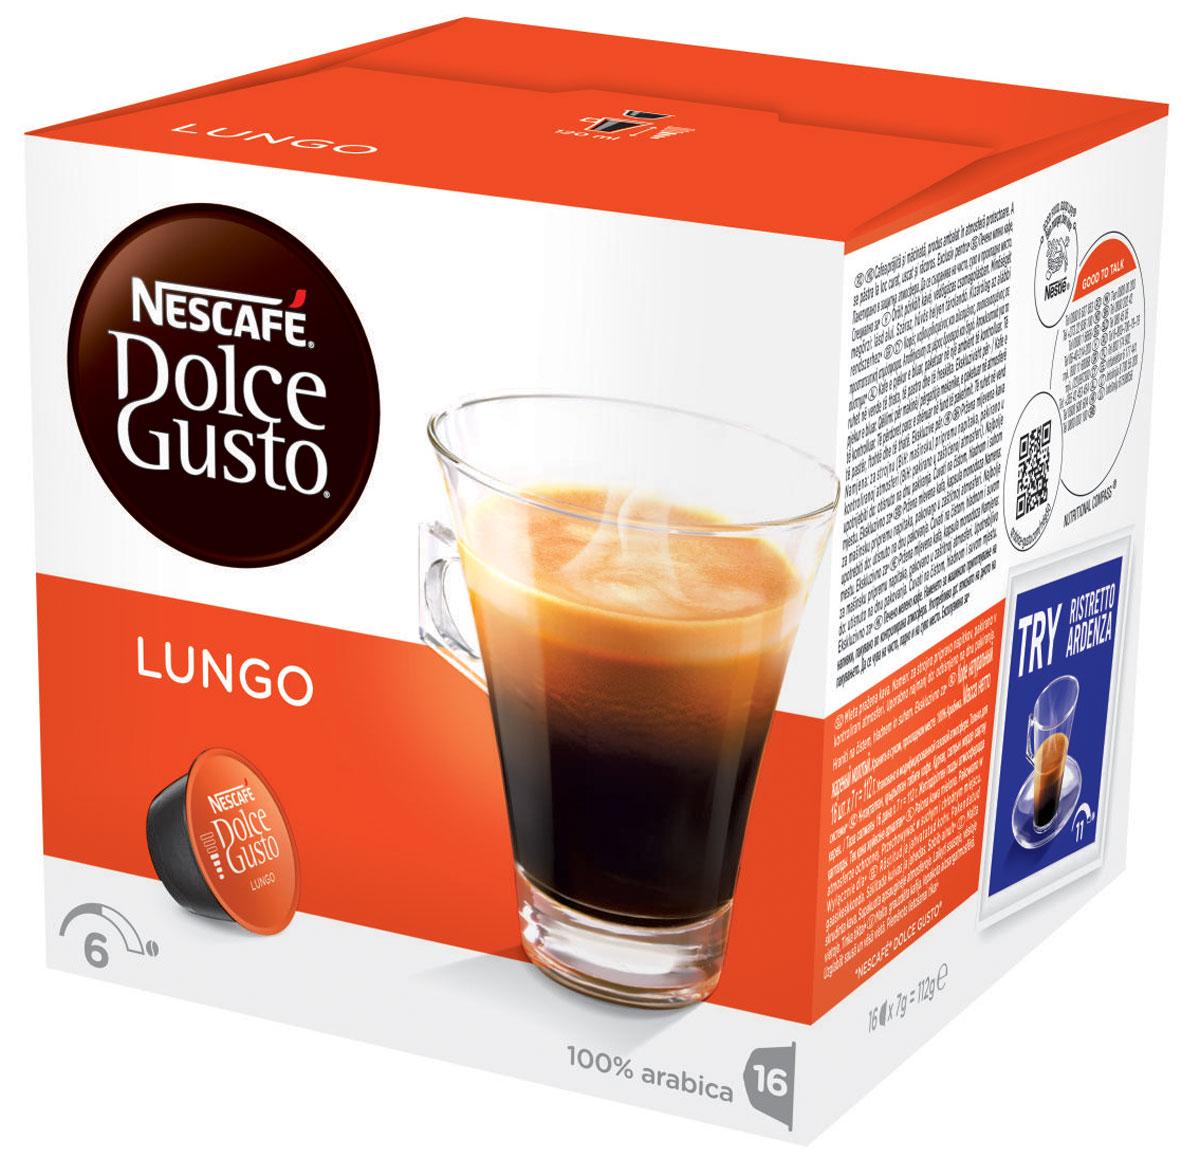 Nescafe Dolce Gusto Lungo кофе в капсулах, 16 шт0120710Кофейные капсулы Лунго созданы специально для ценителей итальянского длинного кофе. Лунго рождается точно так же, как и классический эспрессо. Вода проходит через тщательно обжаренный и перемолотый кофе, но вместо того, чтобы остановиться на маленькой порции, вода наполняет кофейную чашку обычного размера. Что получается? Удивительный расслабляющий кофе, который идеально подходит для любого времени дня! Изысканный аромат придется по вкусу всем любителям кофе.